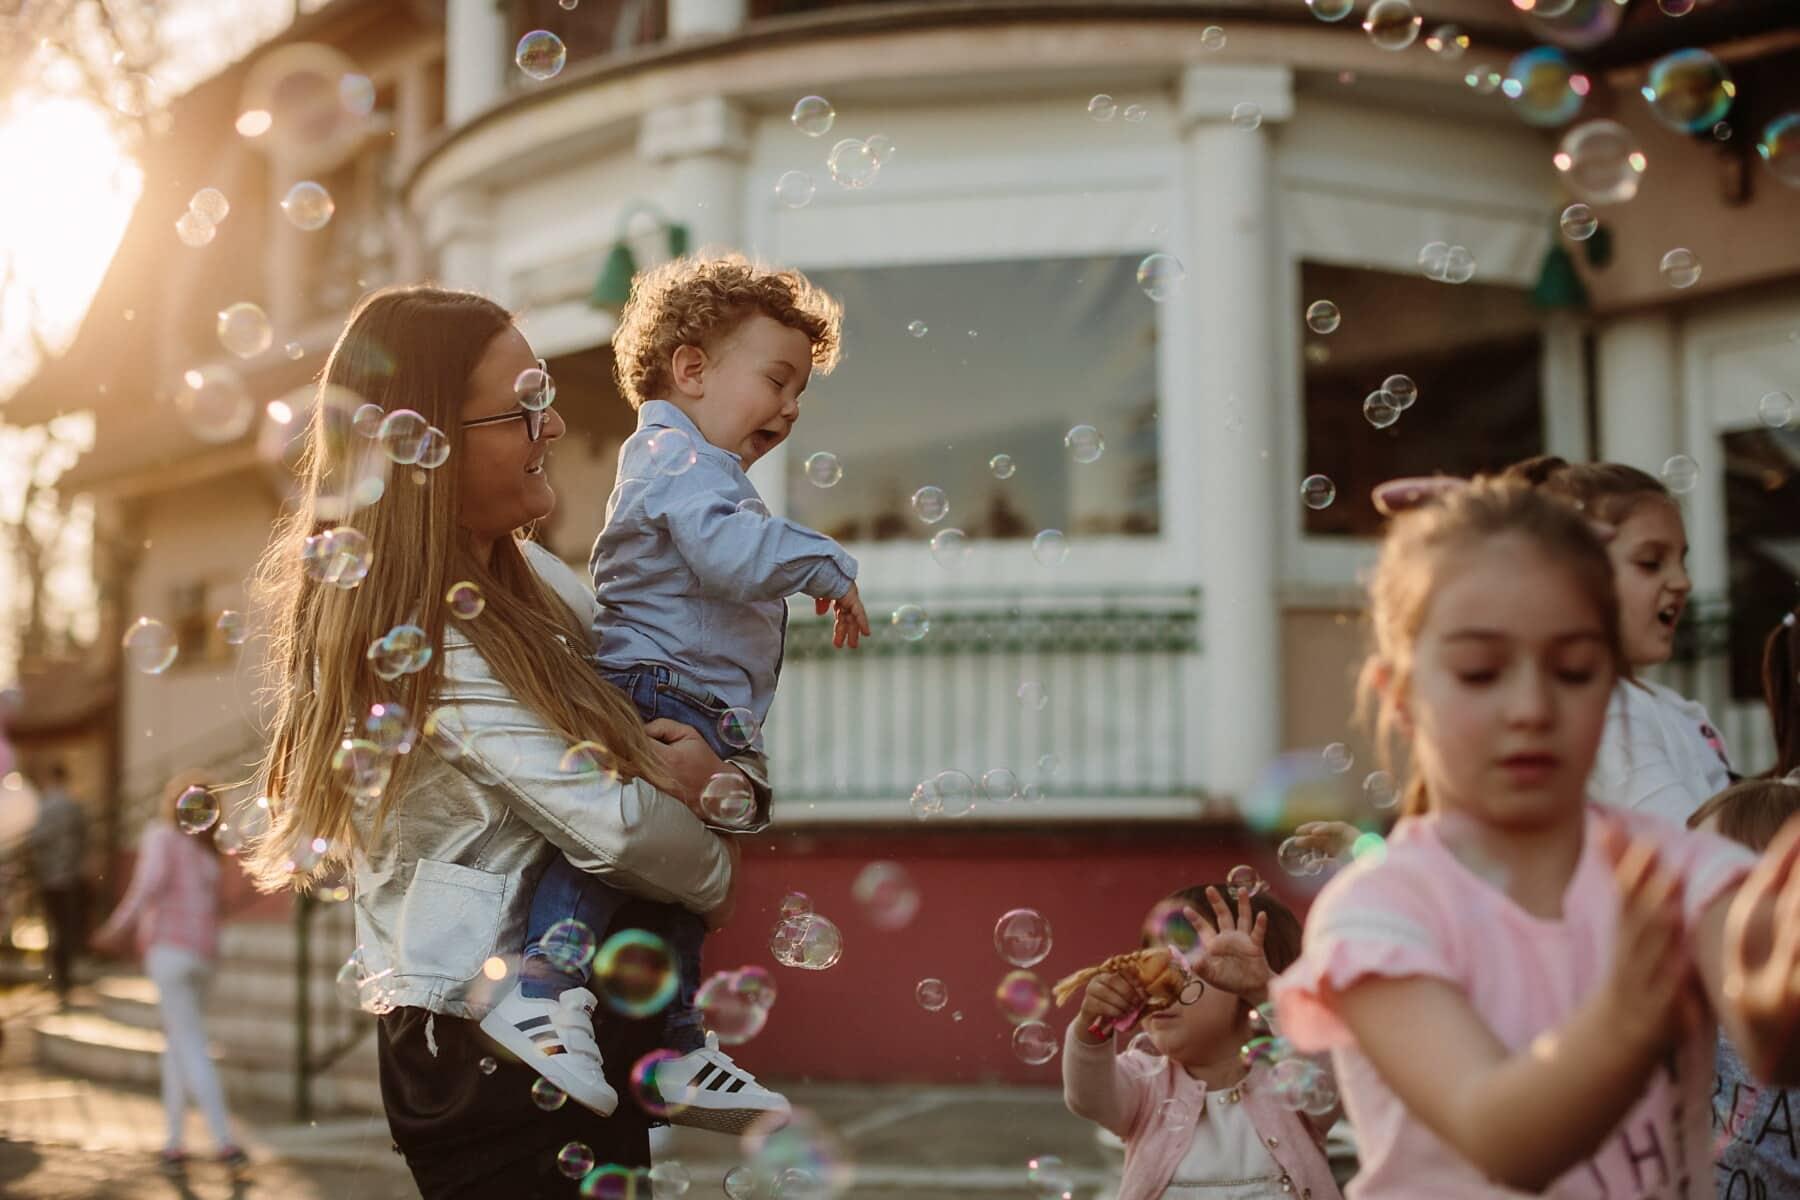 幼児, パーティー, 赤ちゃん, 母, 子供の頃, 誕生日, 安物の宝石, 楽しさ, 親子関係, 子